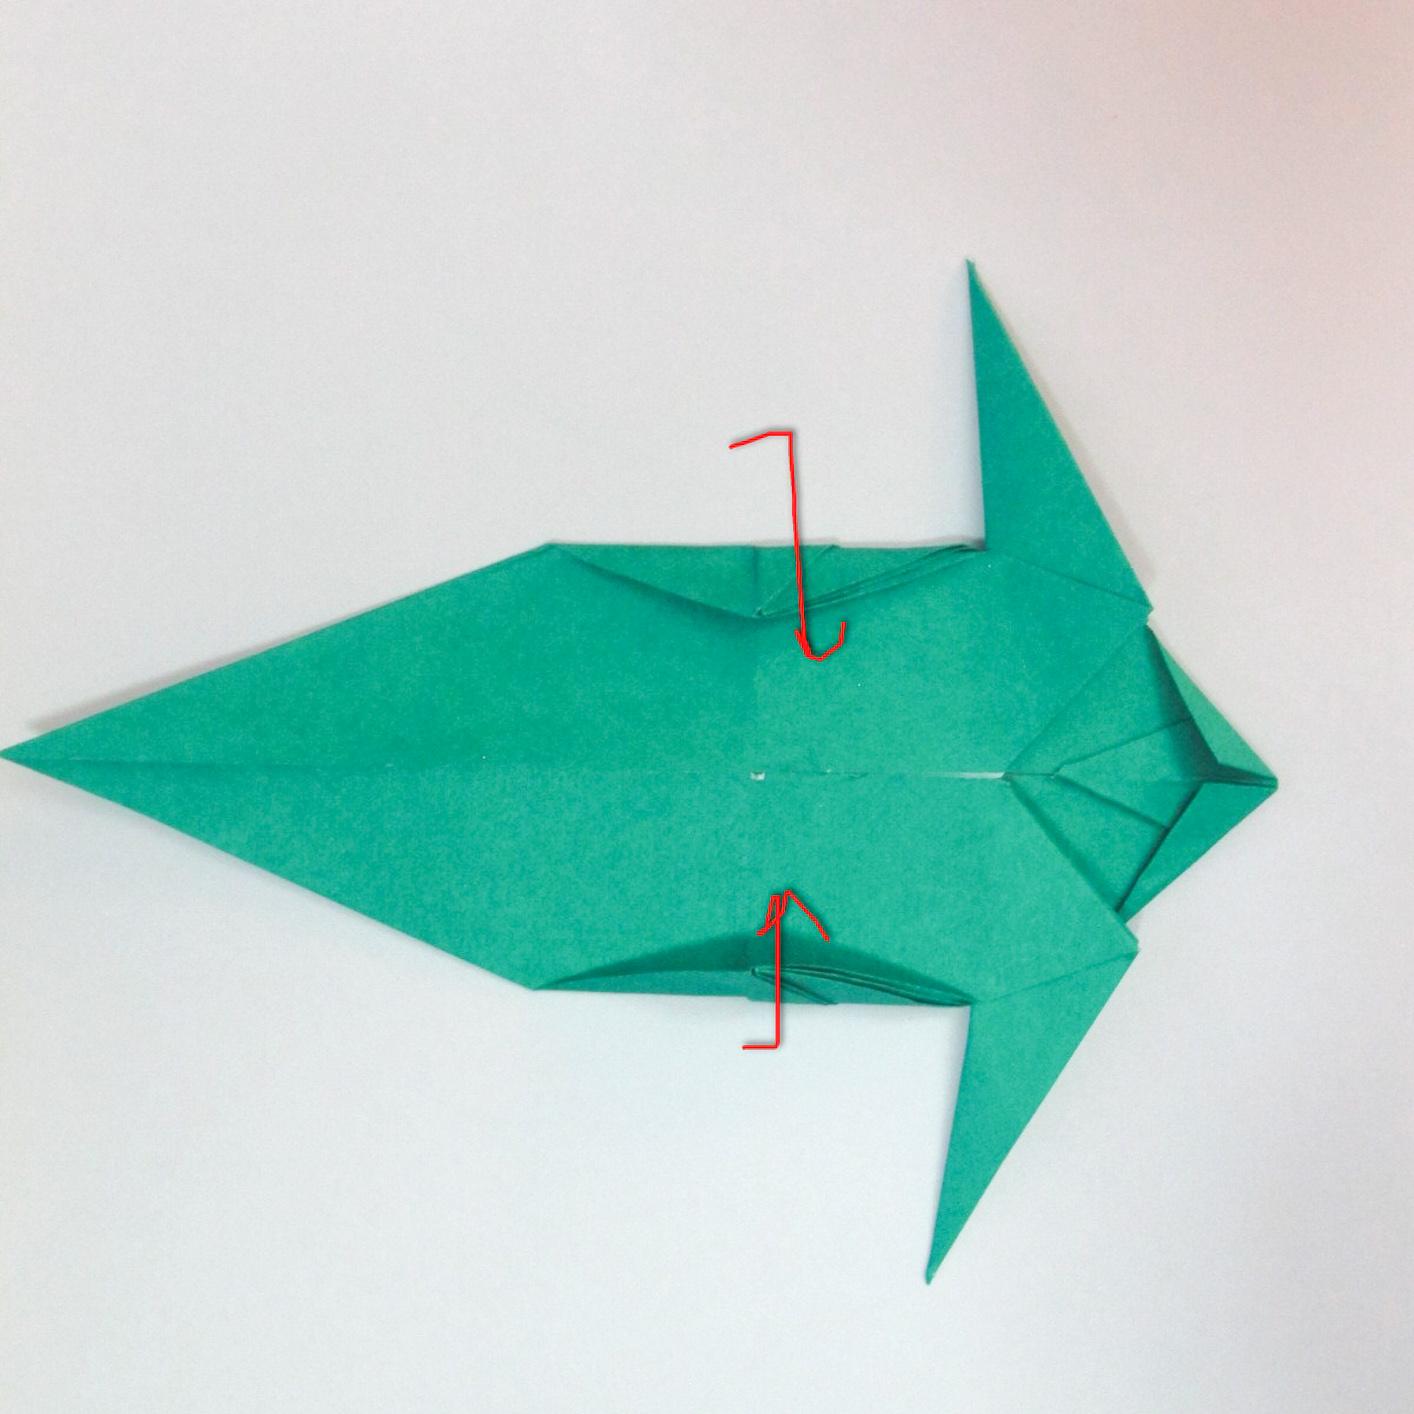 สอนวิธีการพับกระดาษเป็นรูปปลาฉลาม (Origami Shark) 029